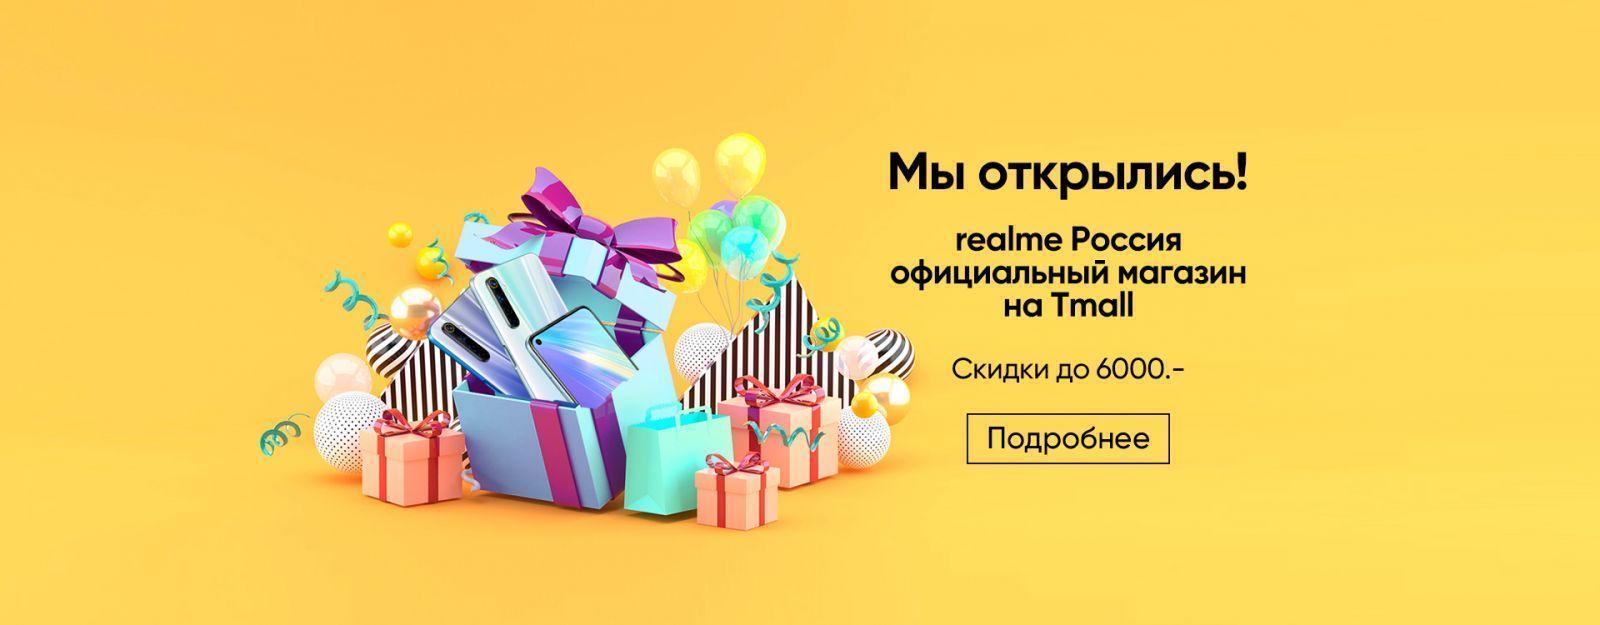 Официальный онлайн-магазин realme открывается на Tmall ()